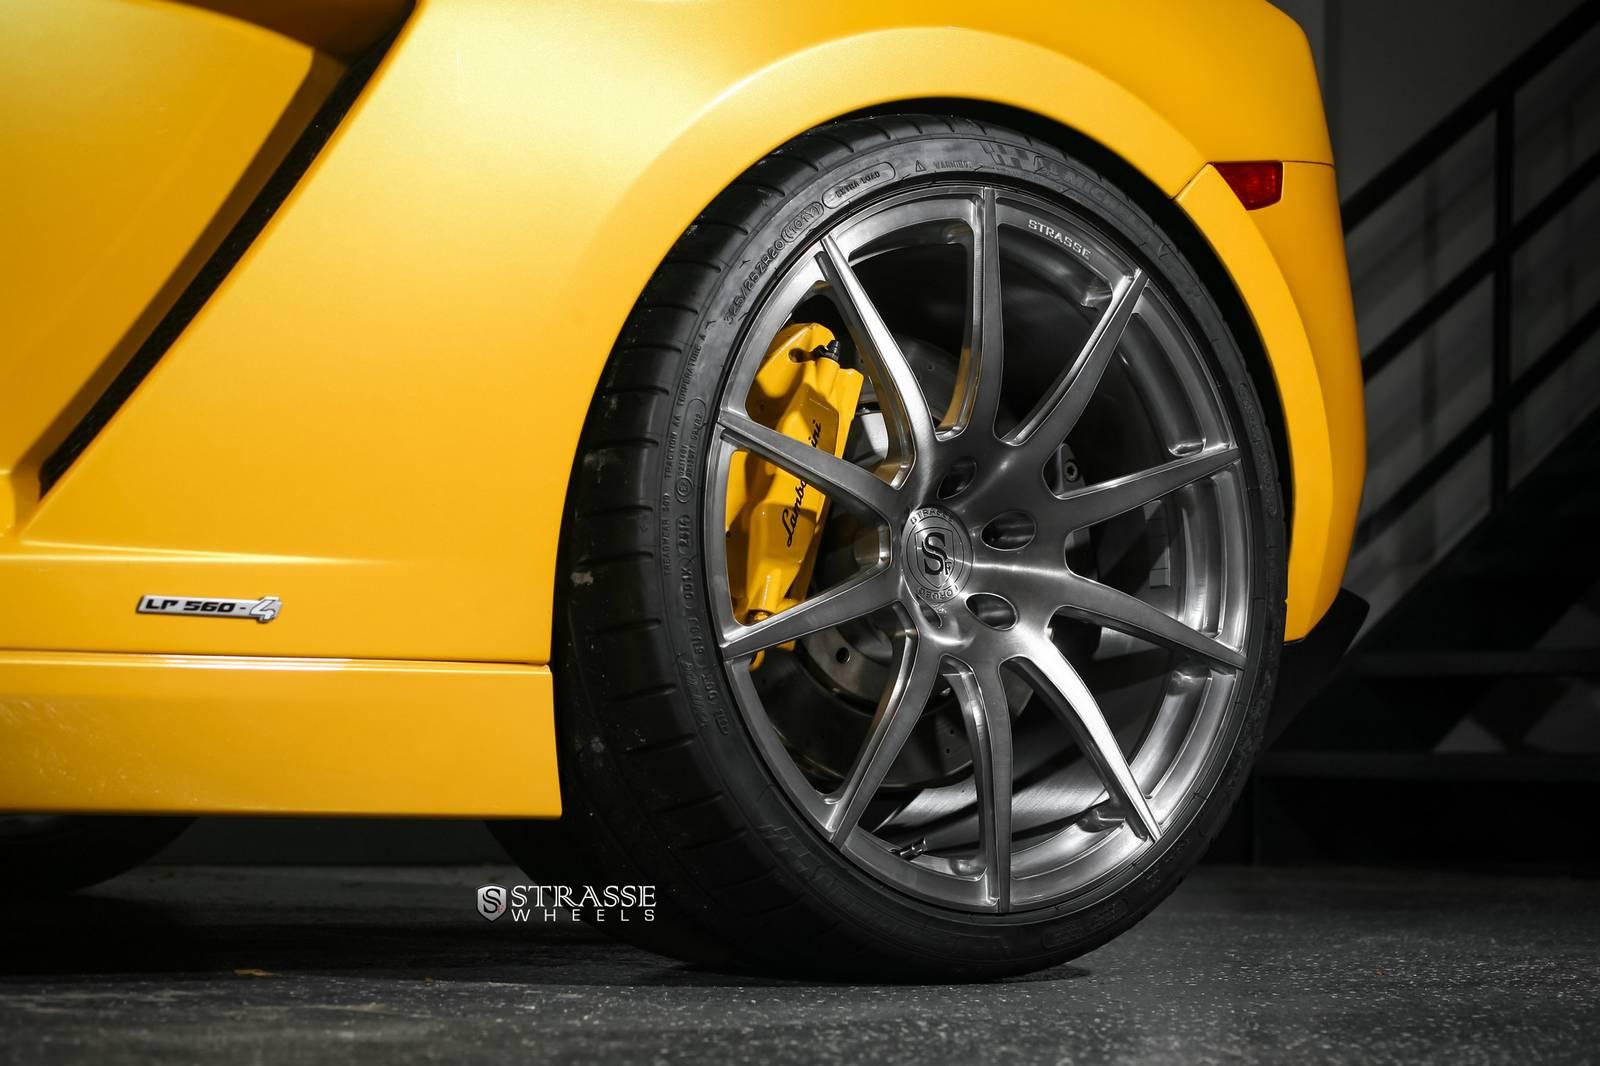 Фото Ламборджини Галлардо Спайдер на дисках Strasse Wheels